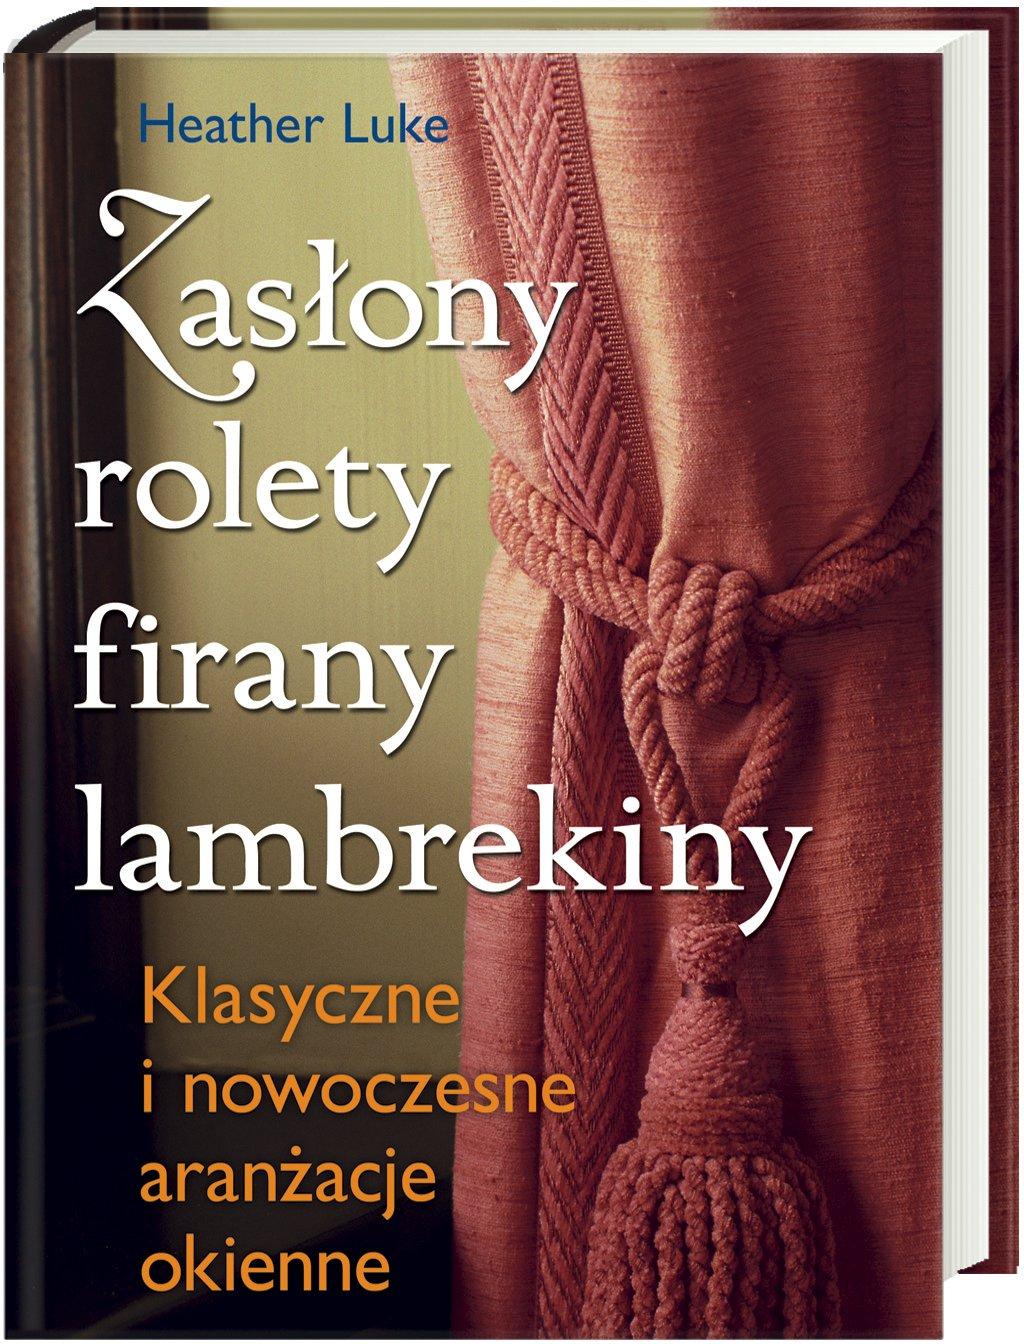 Zaslony Rolety Firany Lambrekiny 9788325802660 Amazoncom